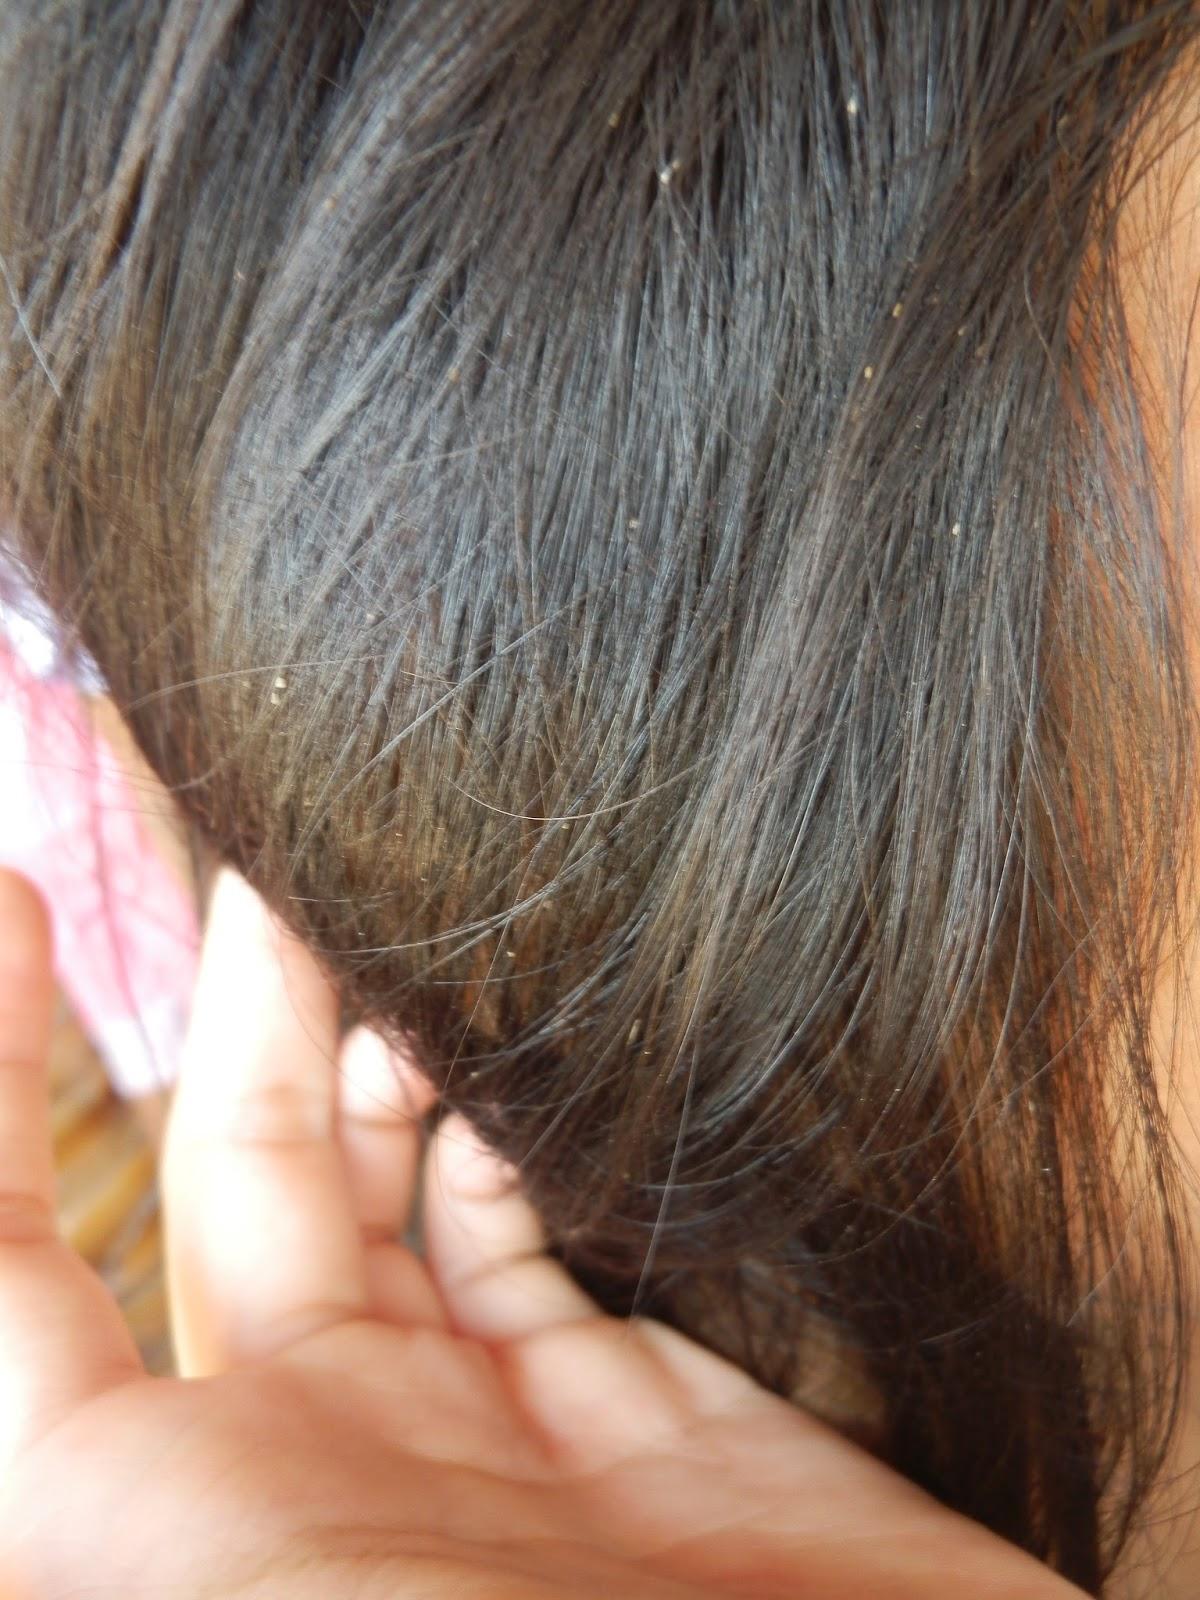 What Do Fleas Look Like In Human Hair - Discount Hair ...